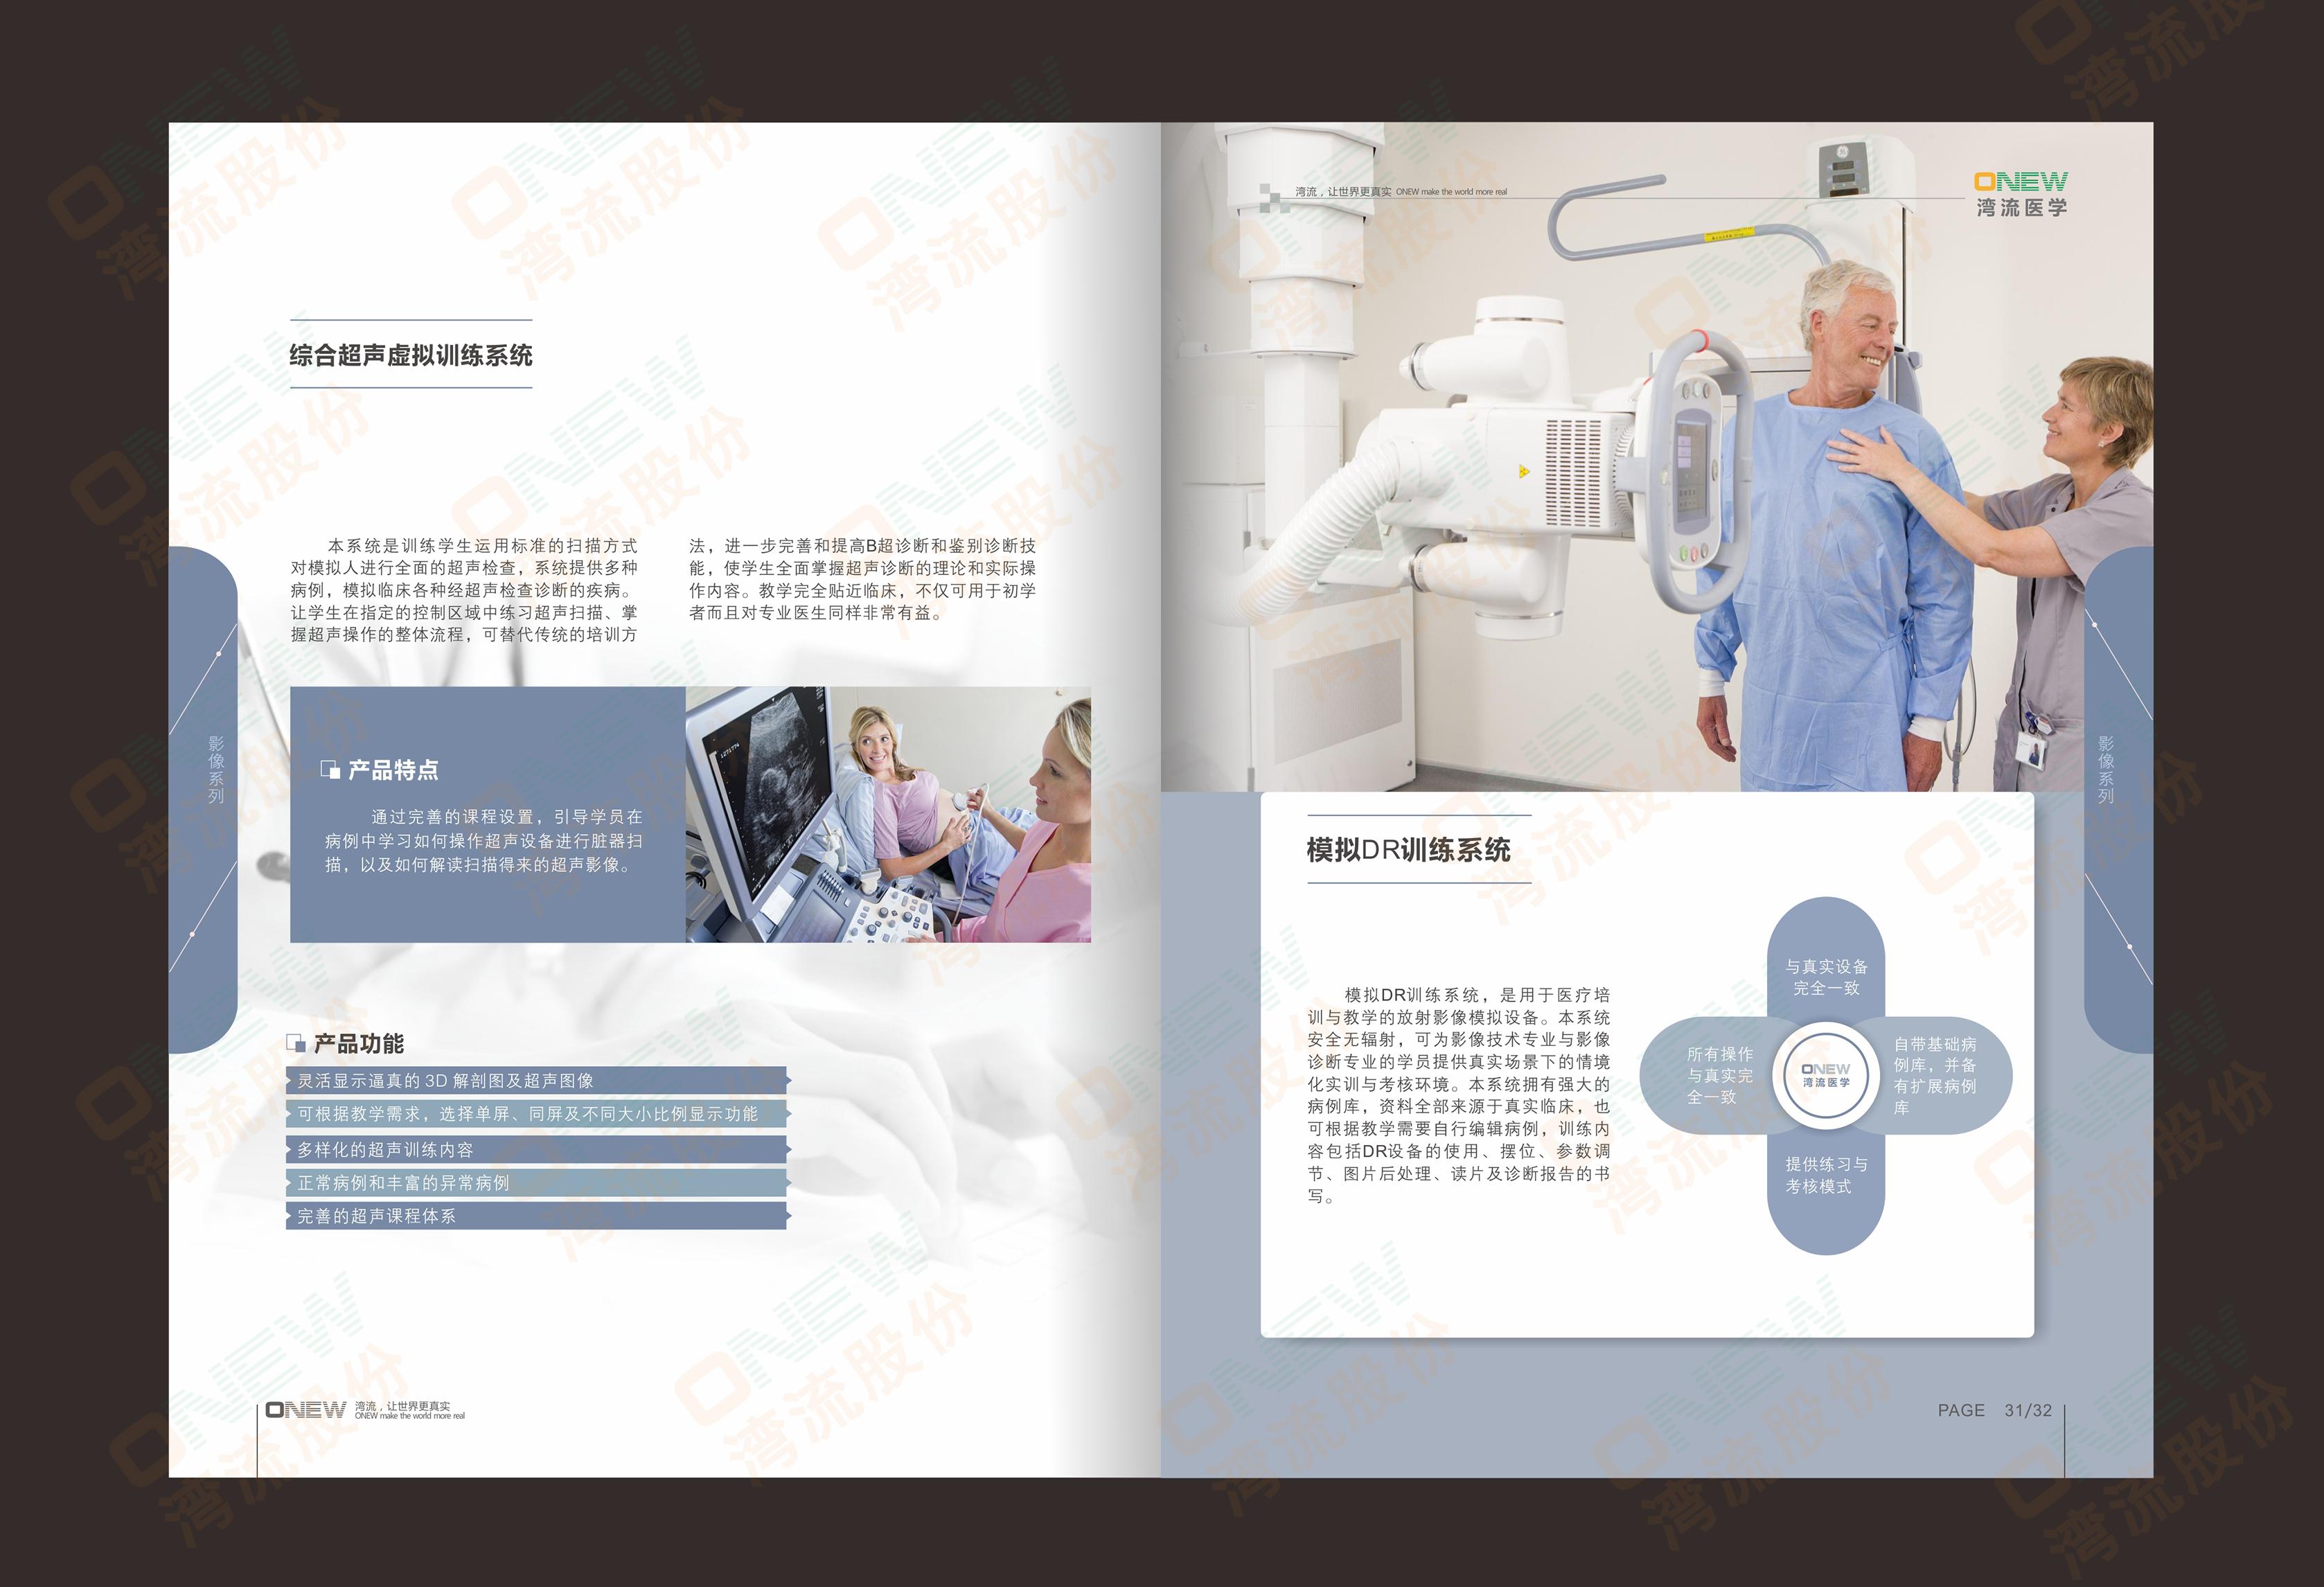 水印版-灣流醫學17